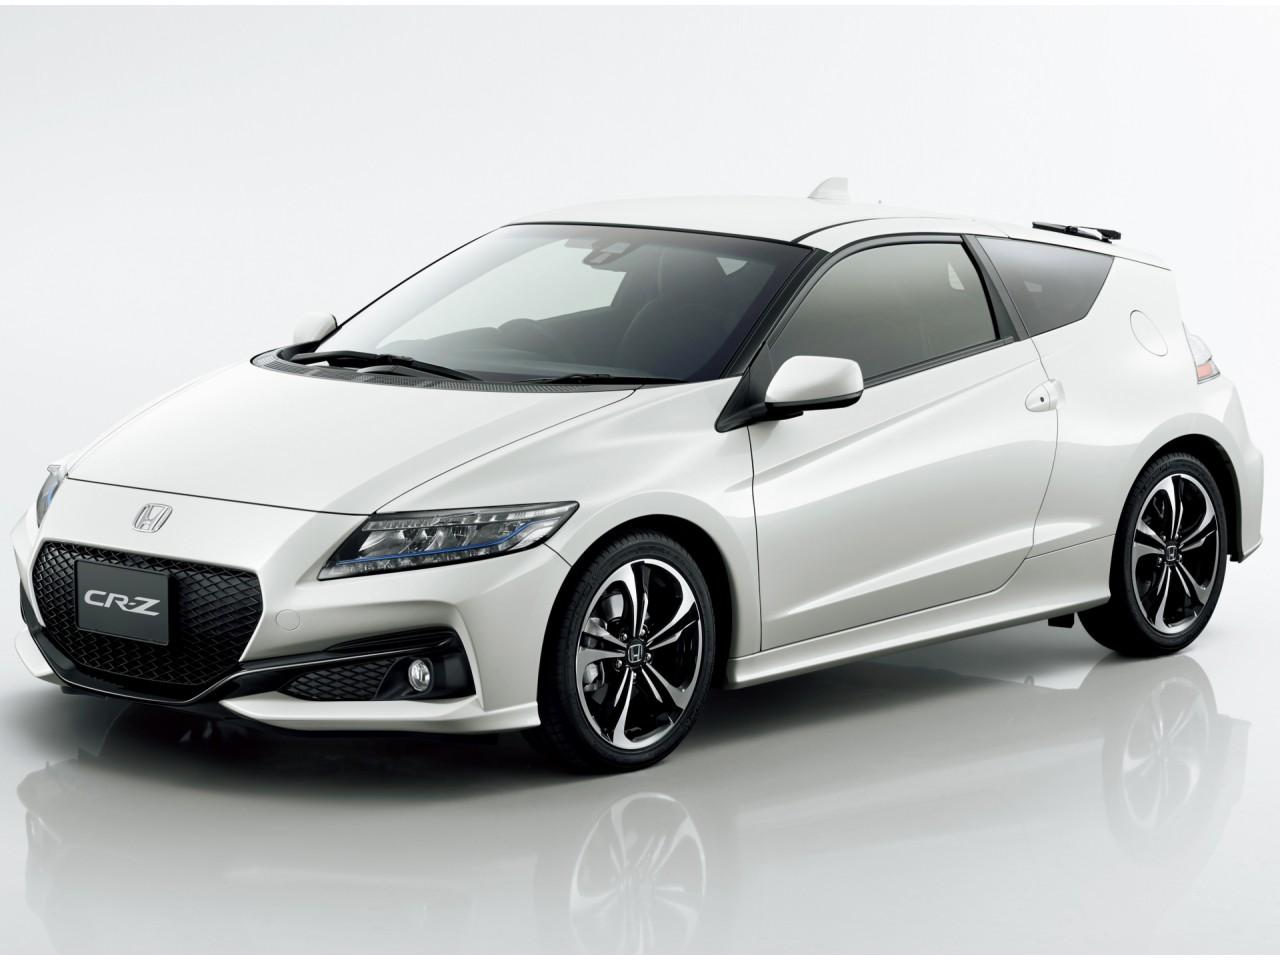 ホンダ CR-Z 2010年モデル 新車画像